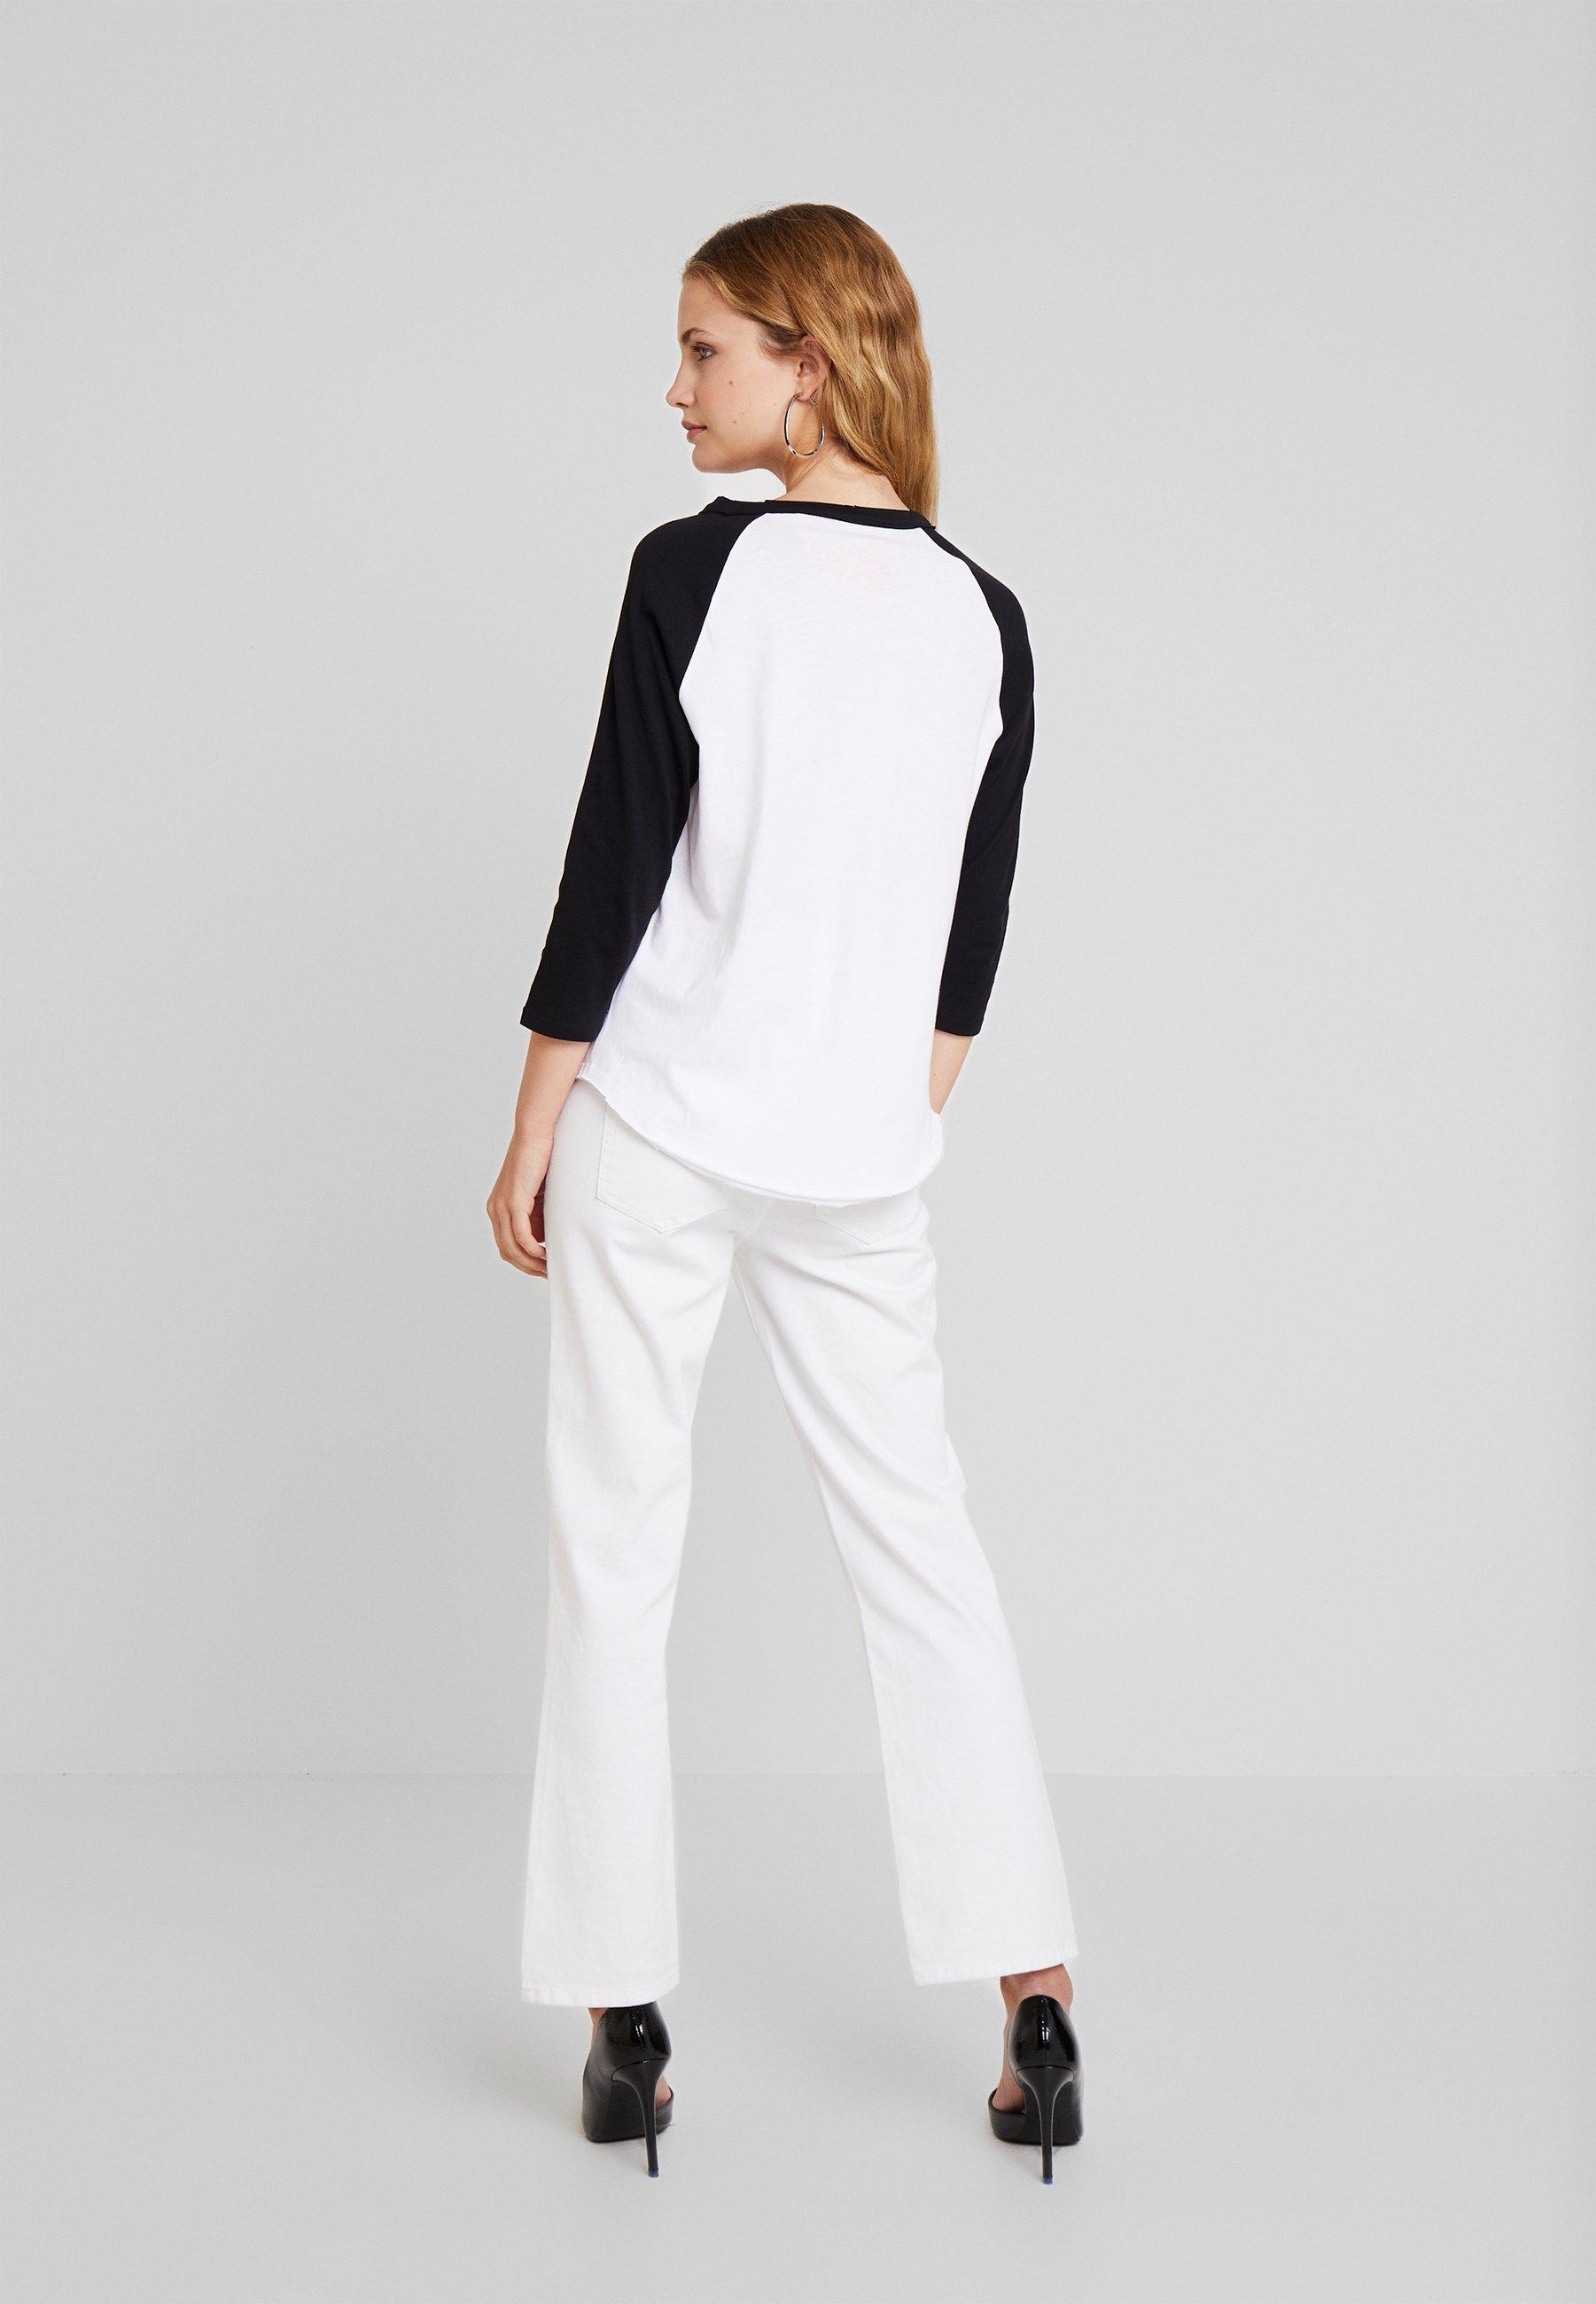 À Manches Q ArmT s White Designed Plac 3 shirt By 4 Longues qMVUSzp